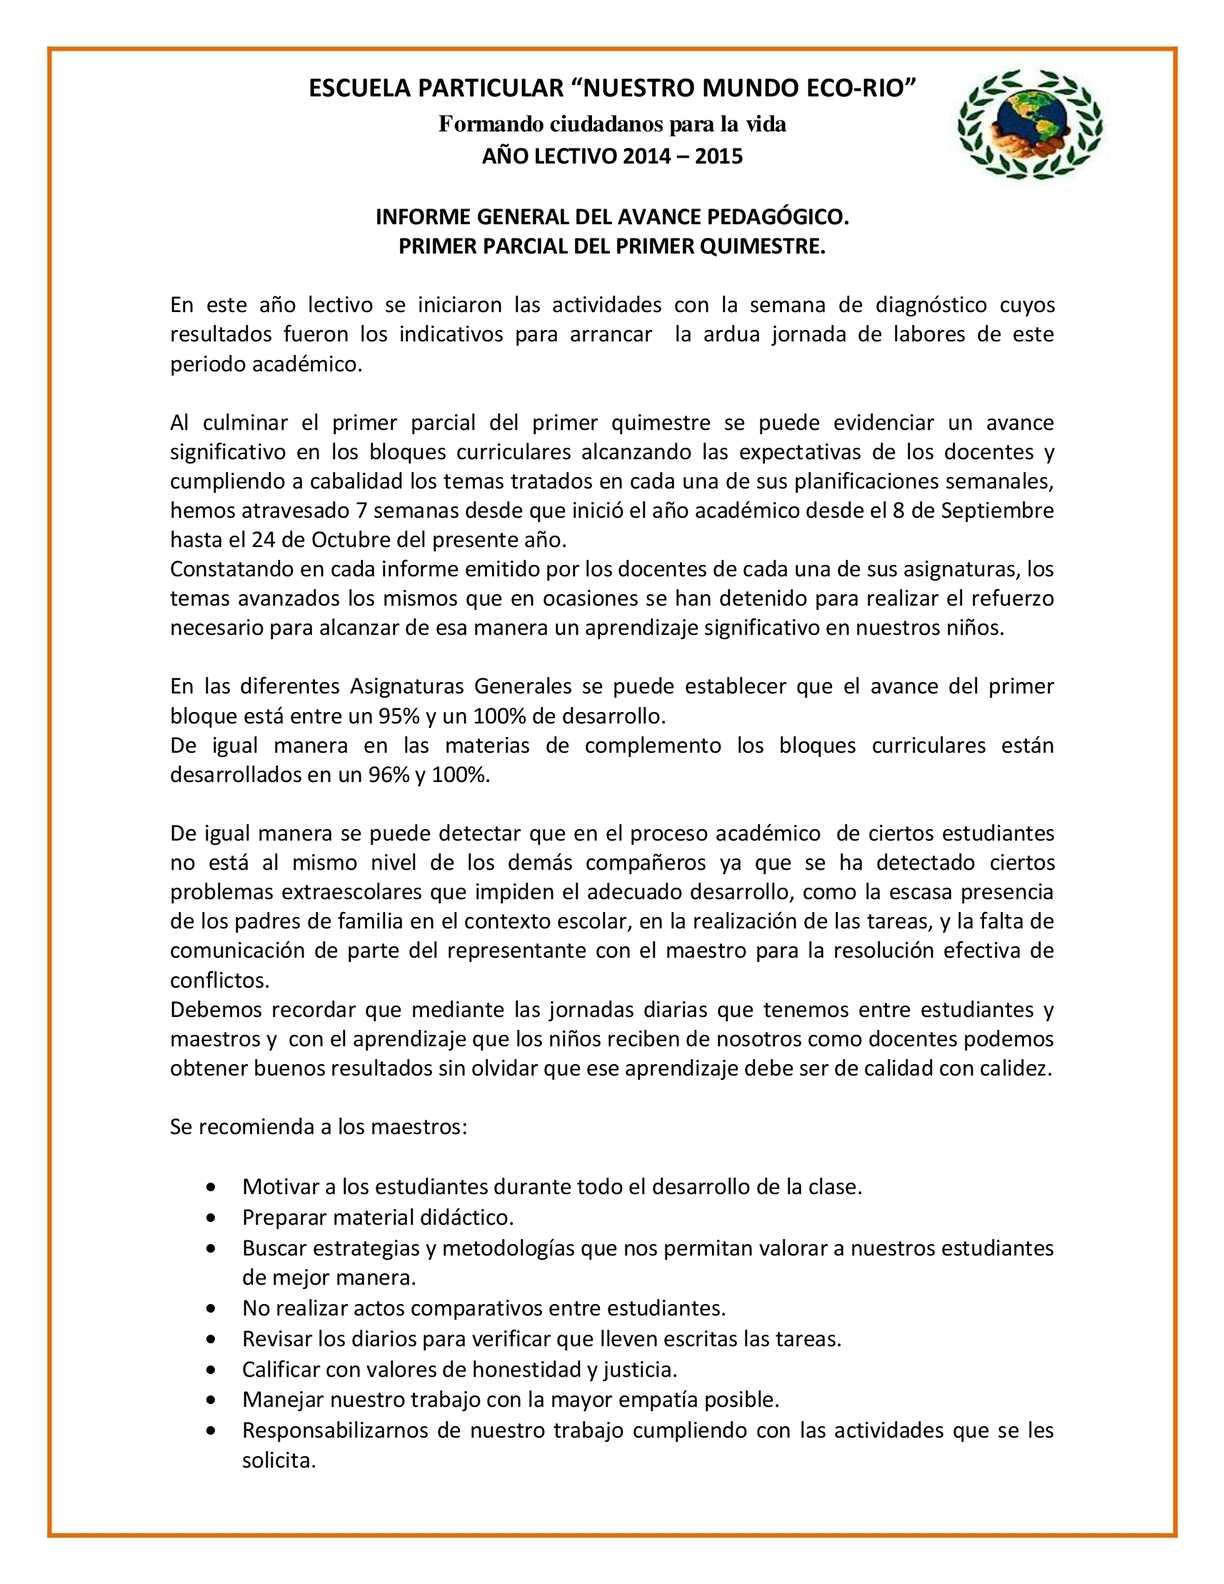 Calam o informe general del avance pedag gico pdf for Curriculum de nivel inicial